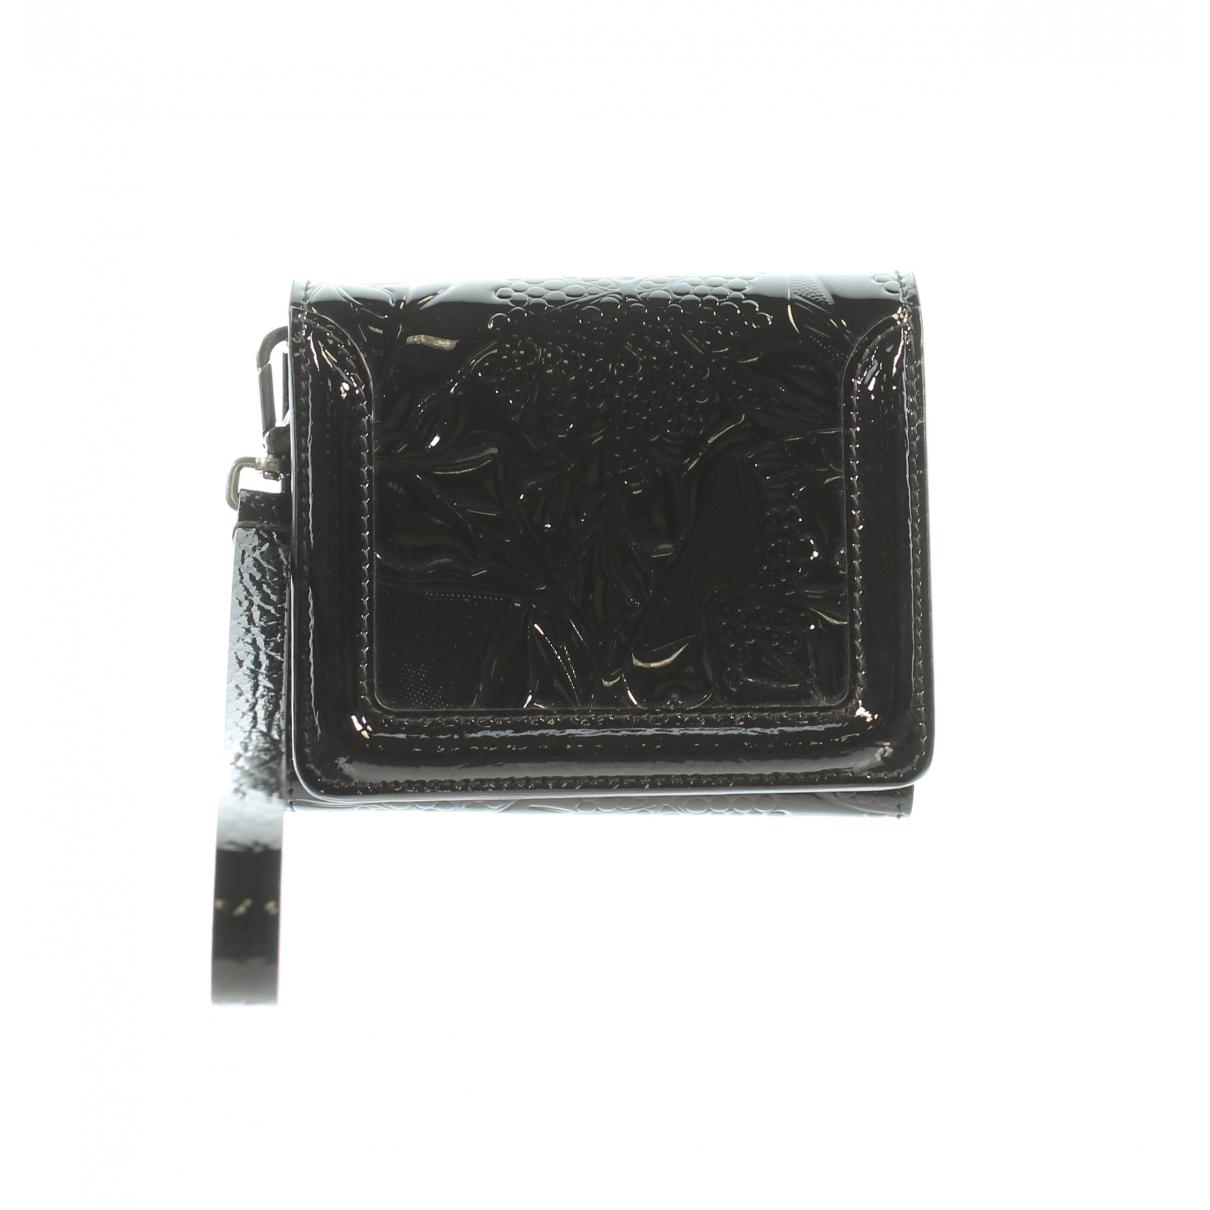 Alexander Mcqueen - Portefeuille   pour femme en cuir verni - noir